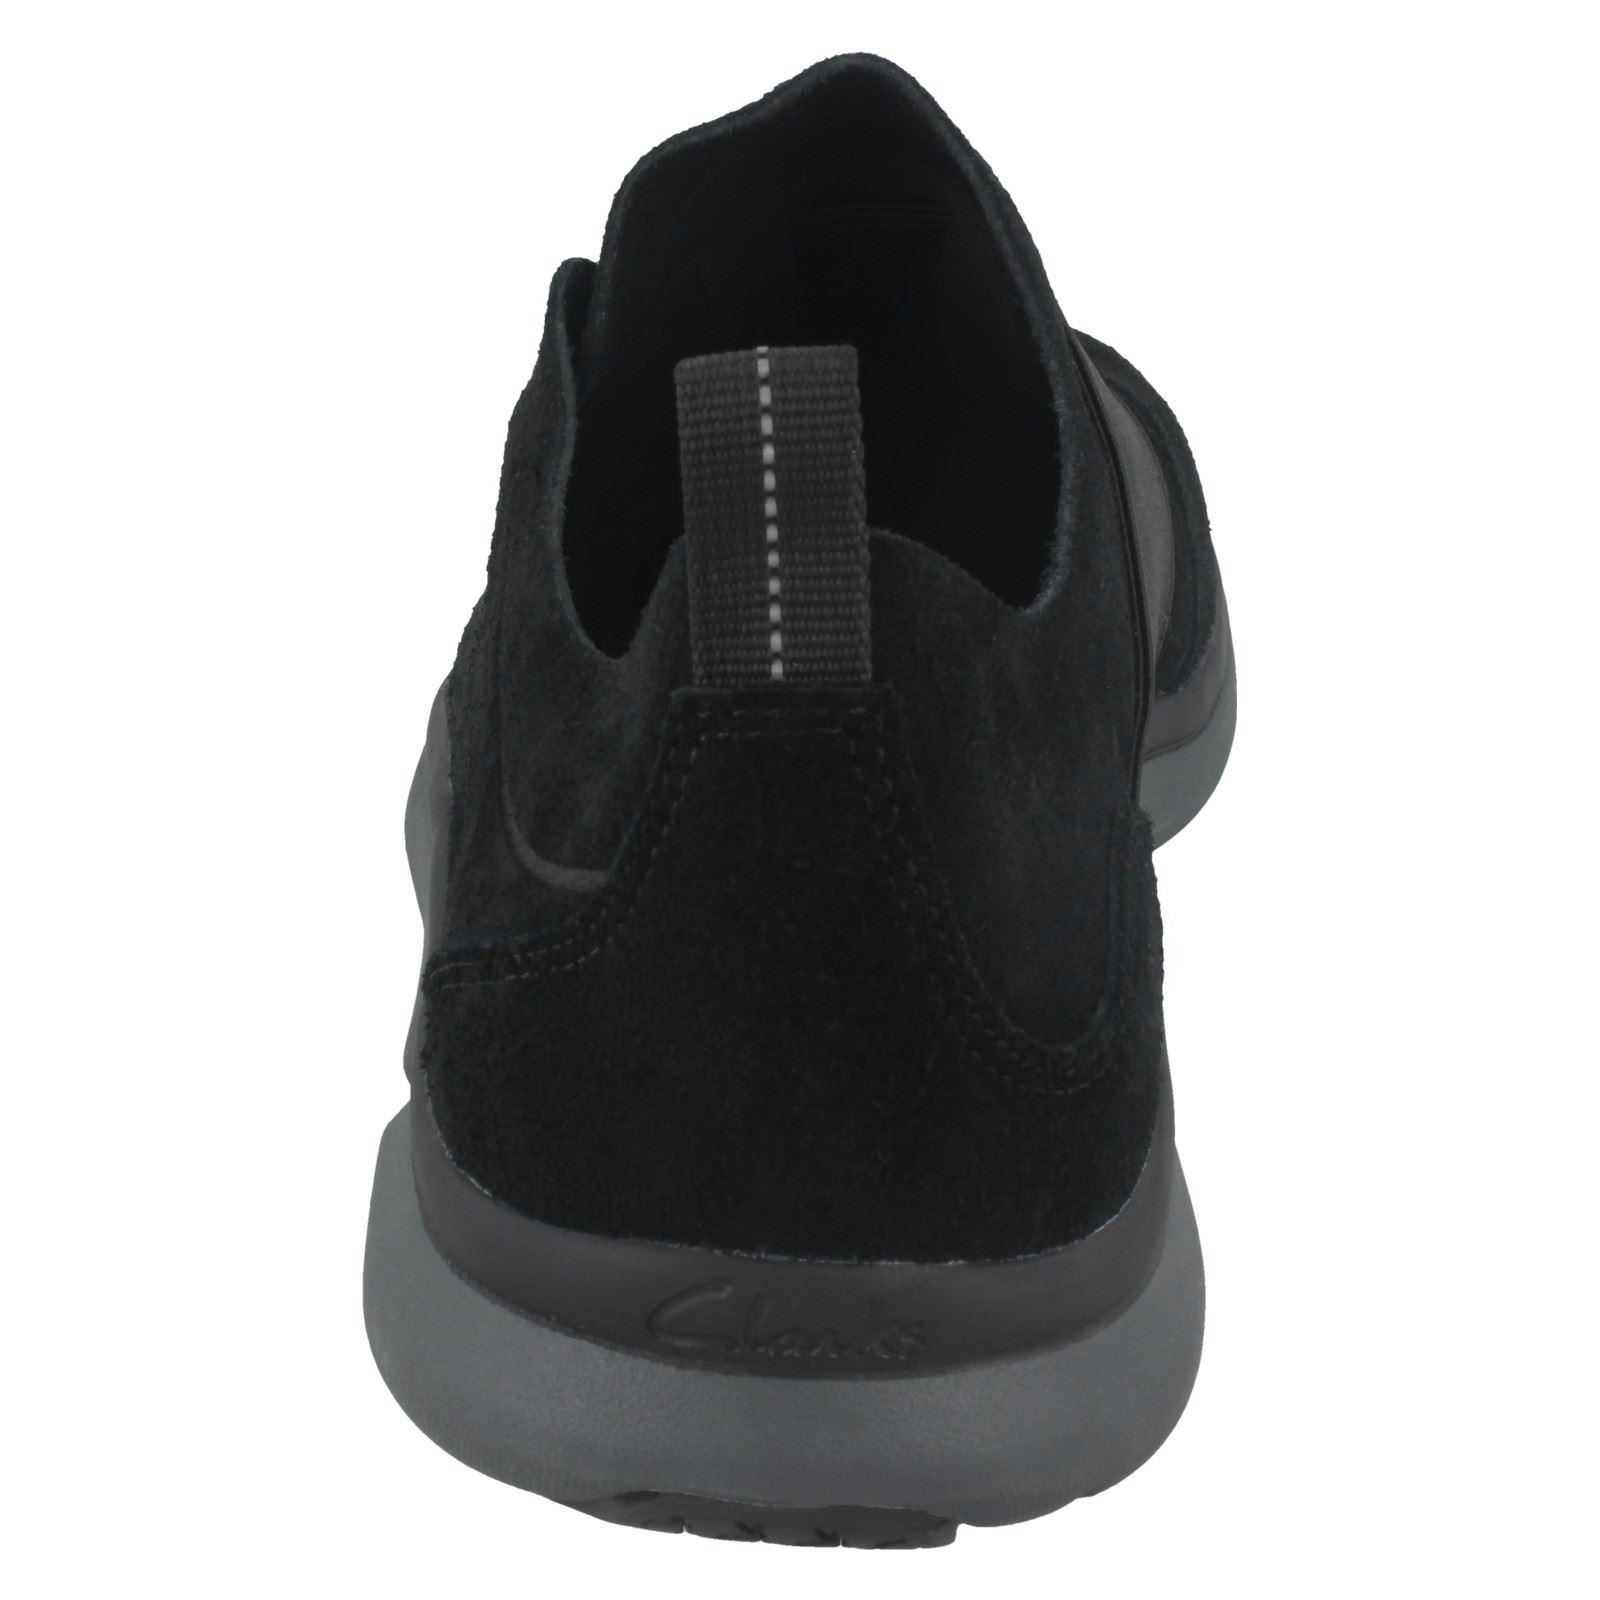 Zapatos Fácil ' Diario Hombre Clarks De Triken 5xHwYgfq